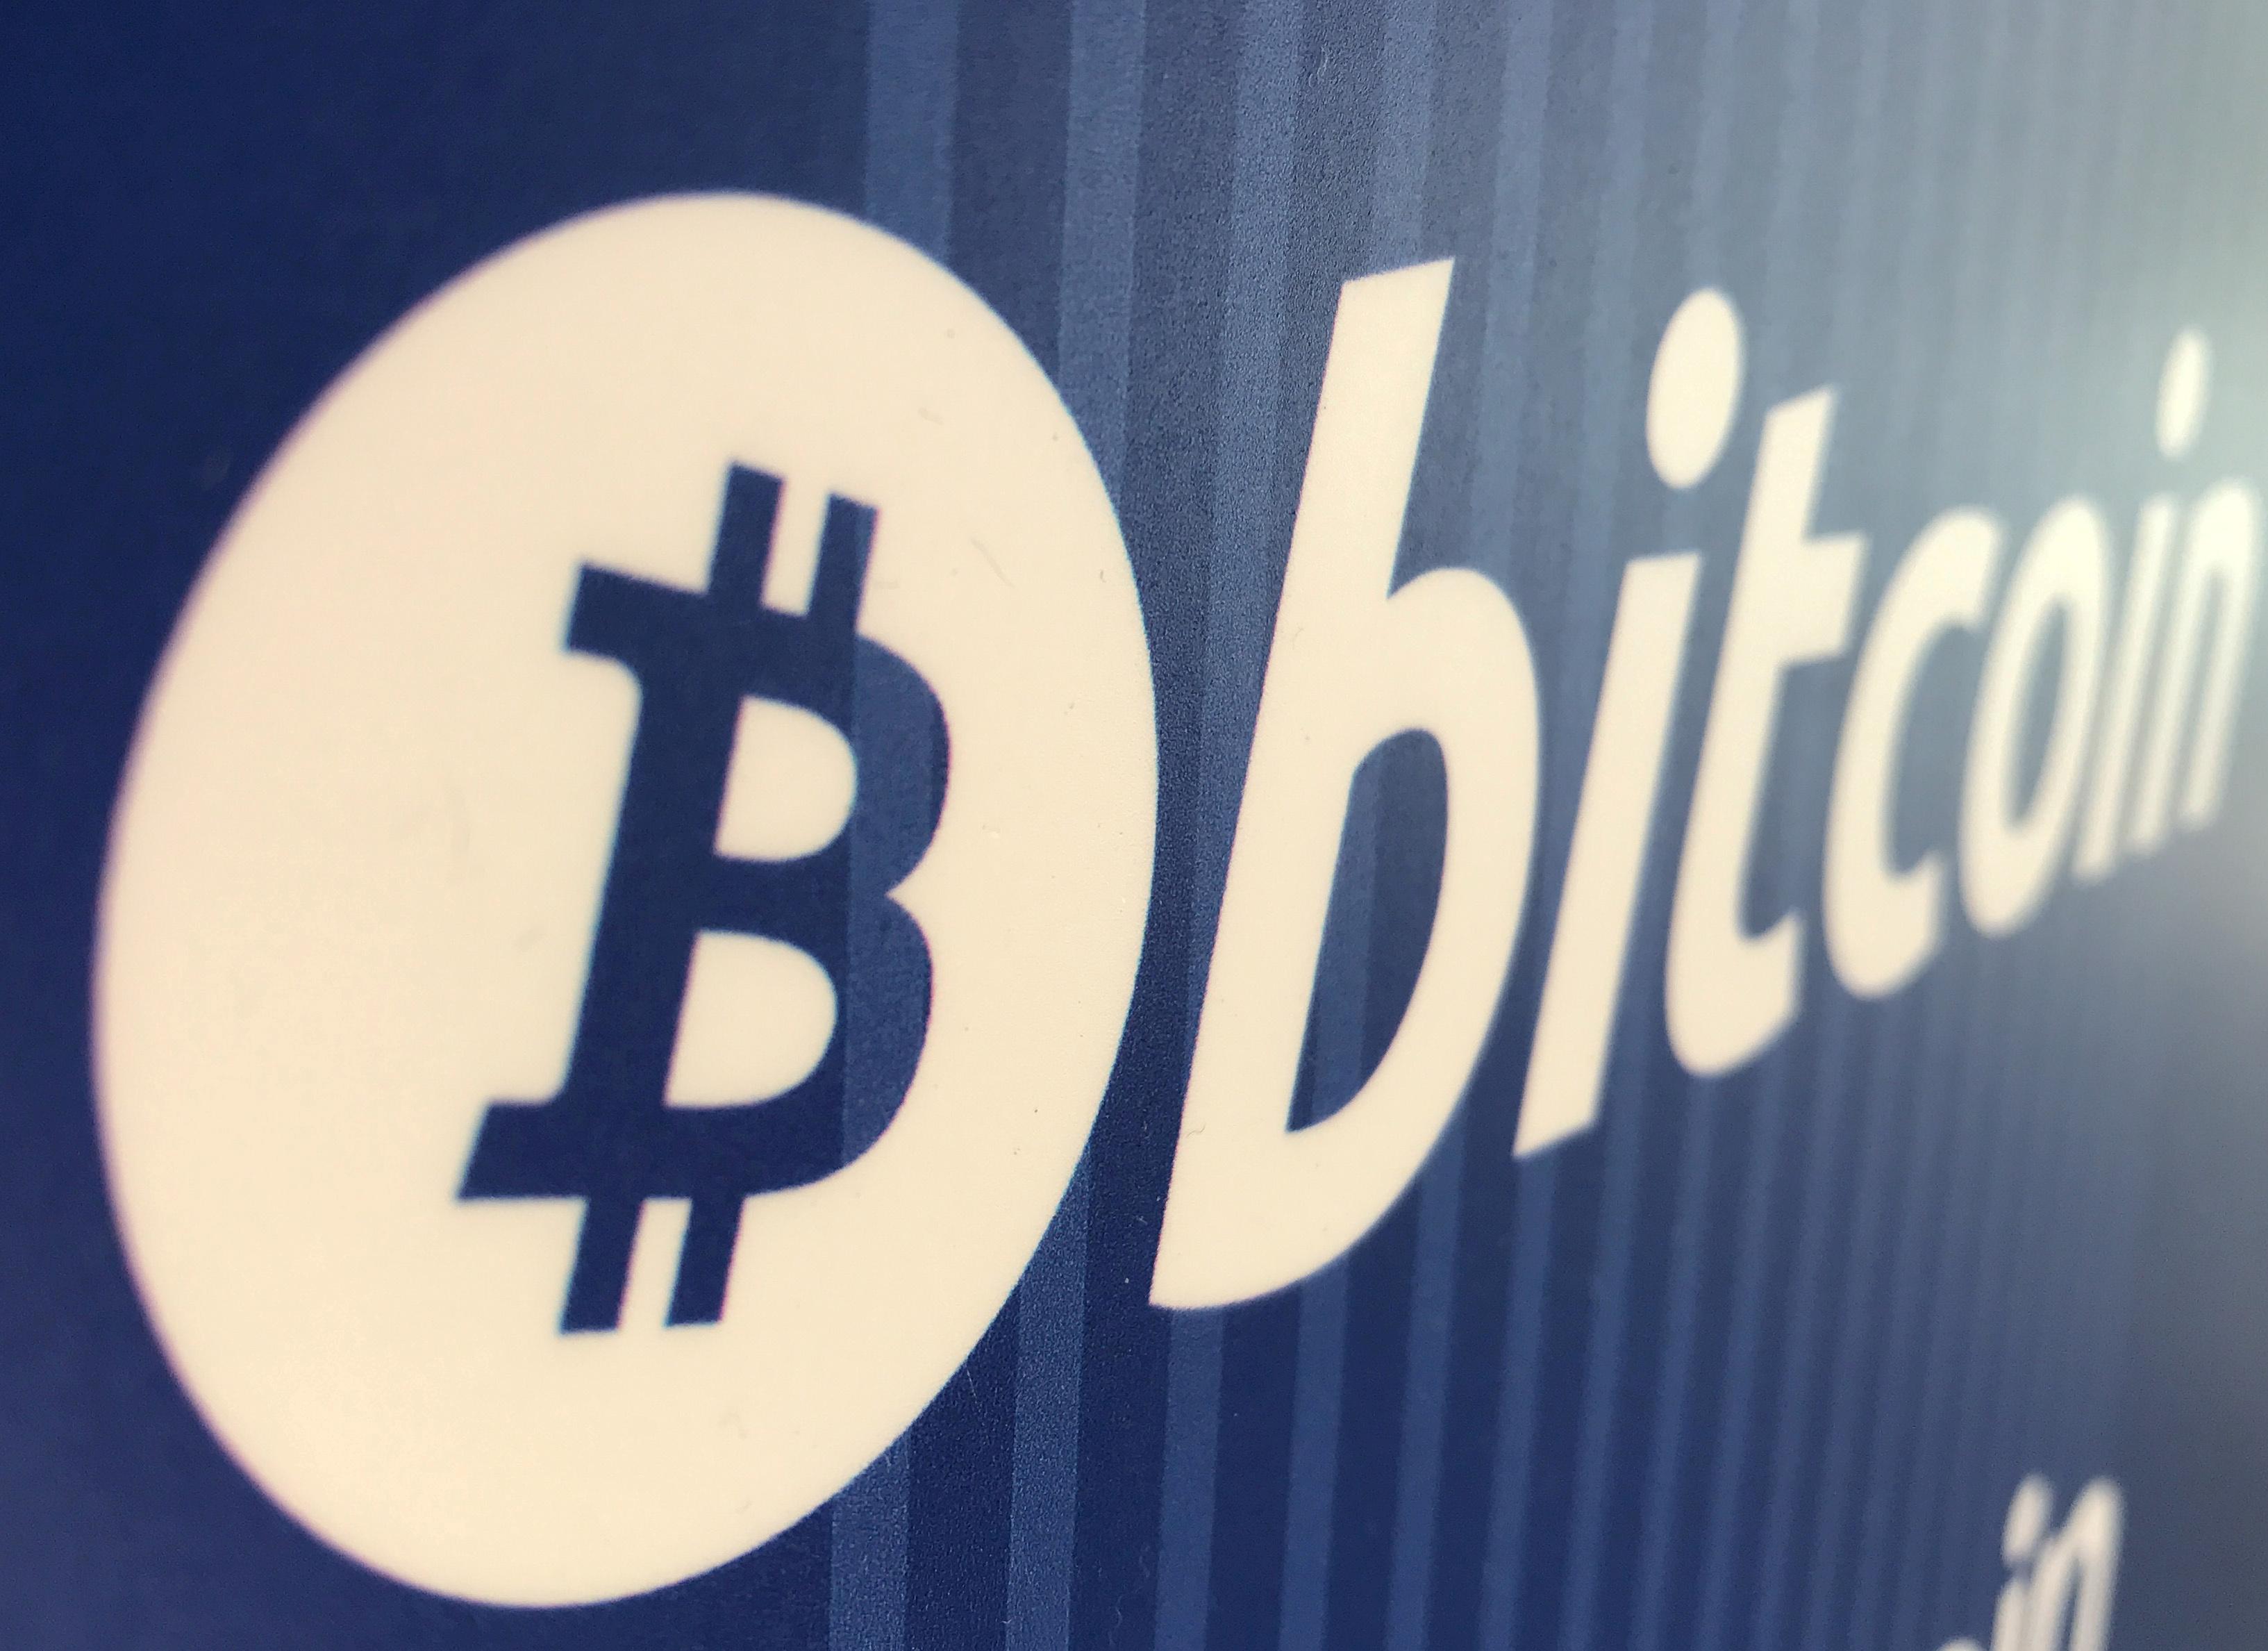 ビットコイン急落、「リブラ」巡るFRB議長発言が直撃